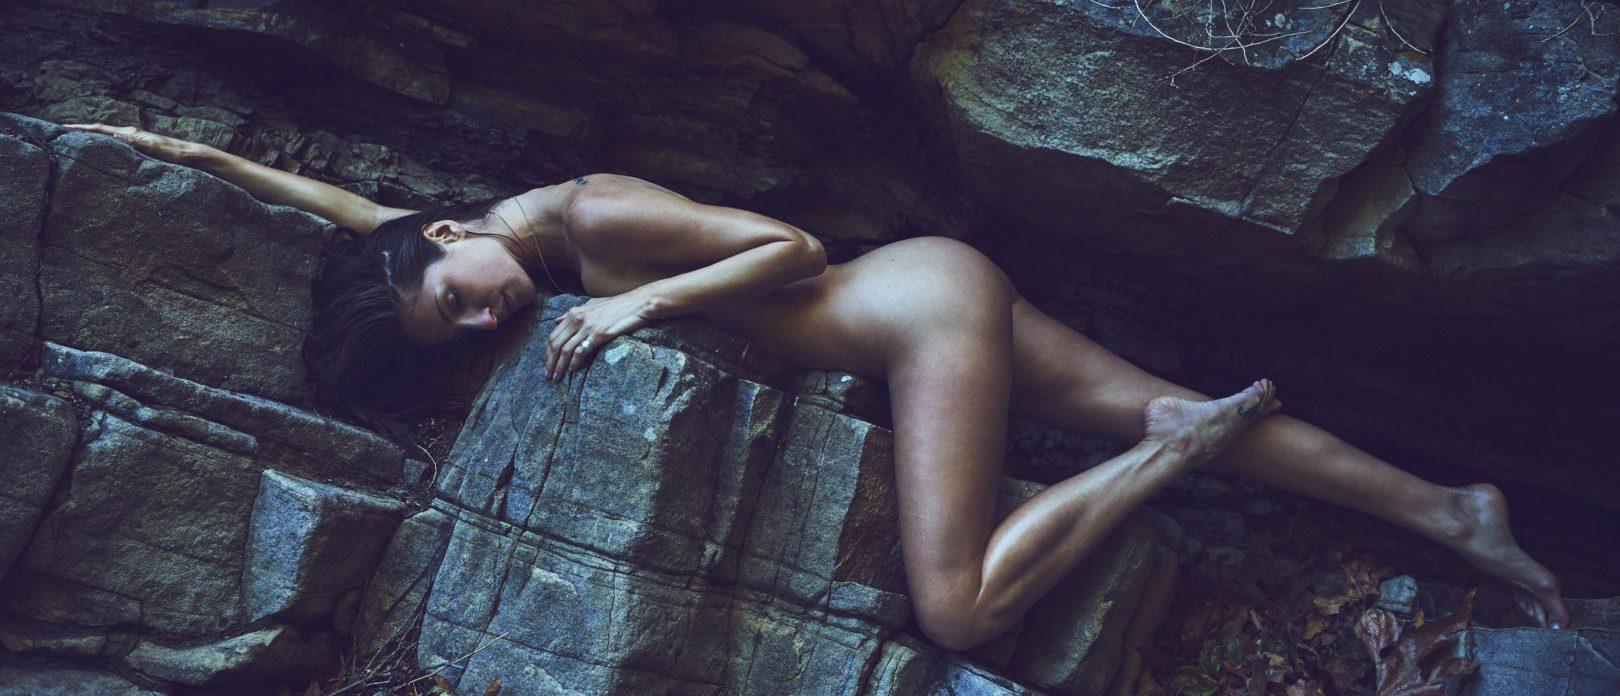 Ana Walczak Nude stefan rappo - portraits of girls